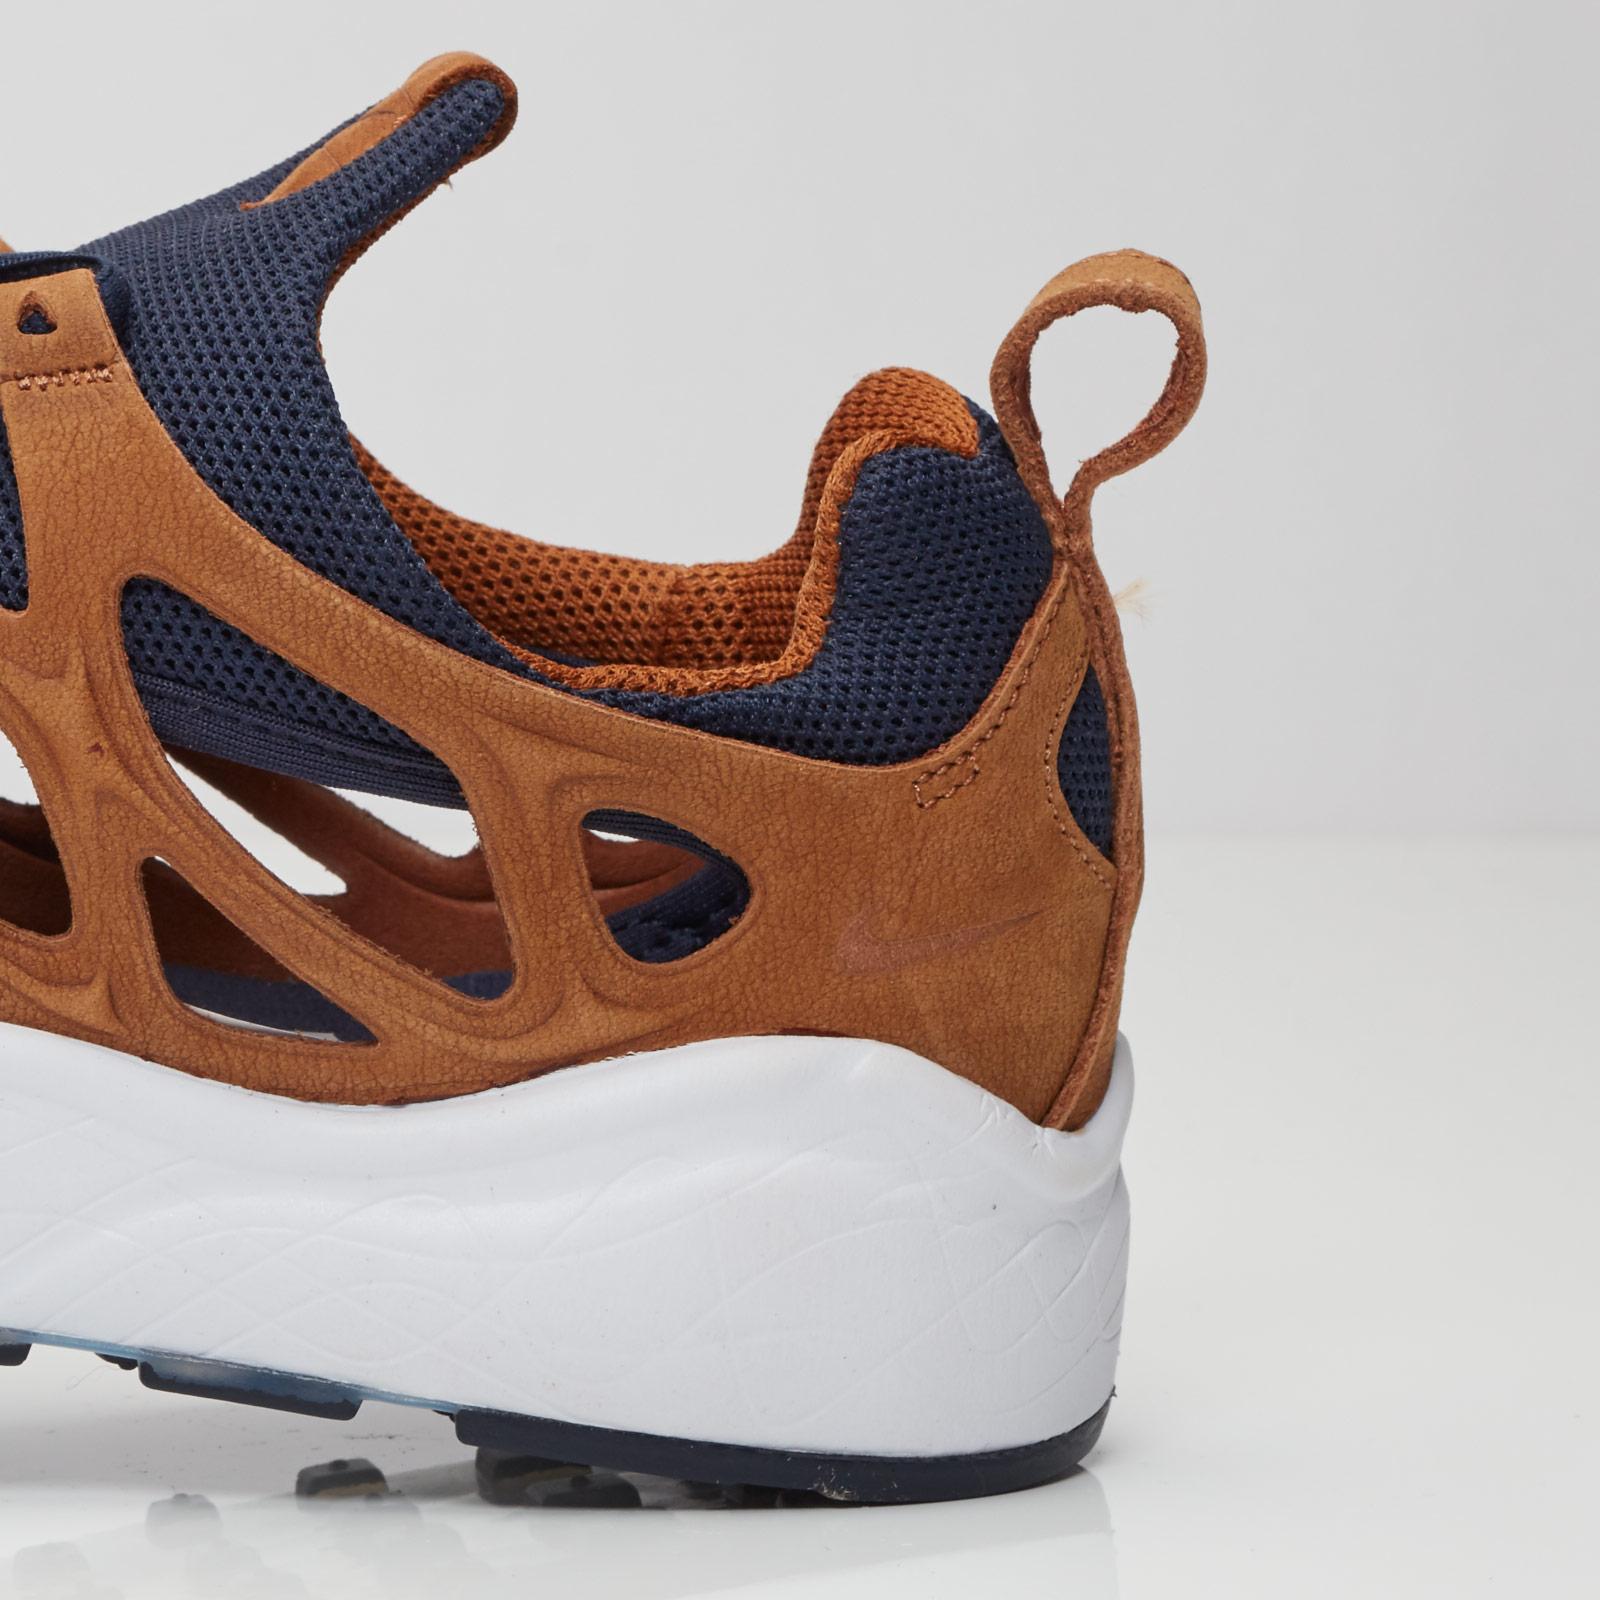 95bafb5d3568 Nike Air Zoom Chalapuka - 872634-200 - Sneakersnstuff